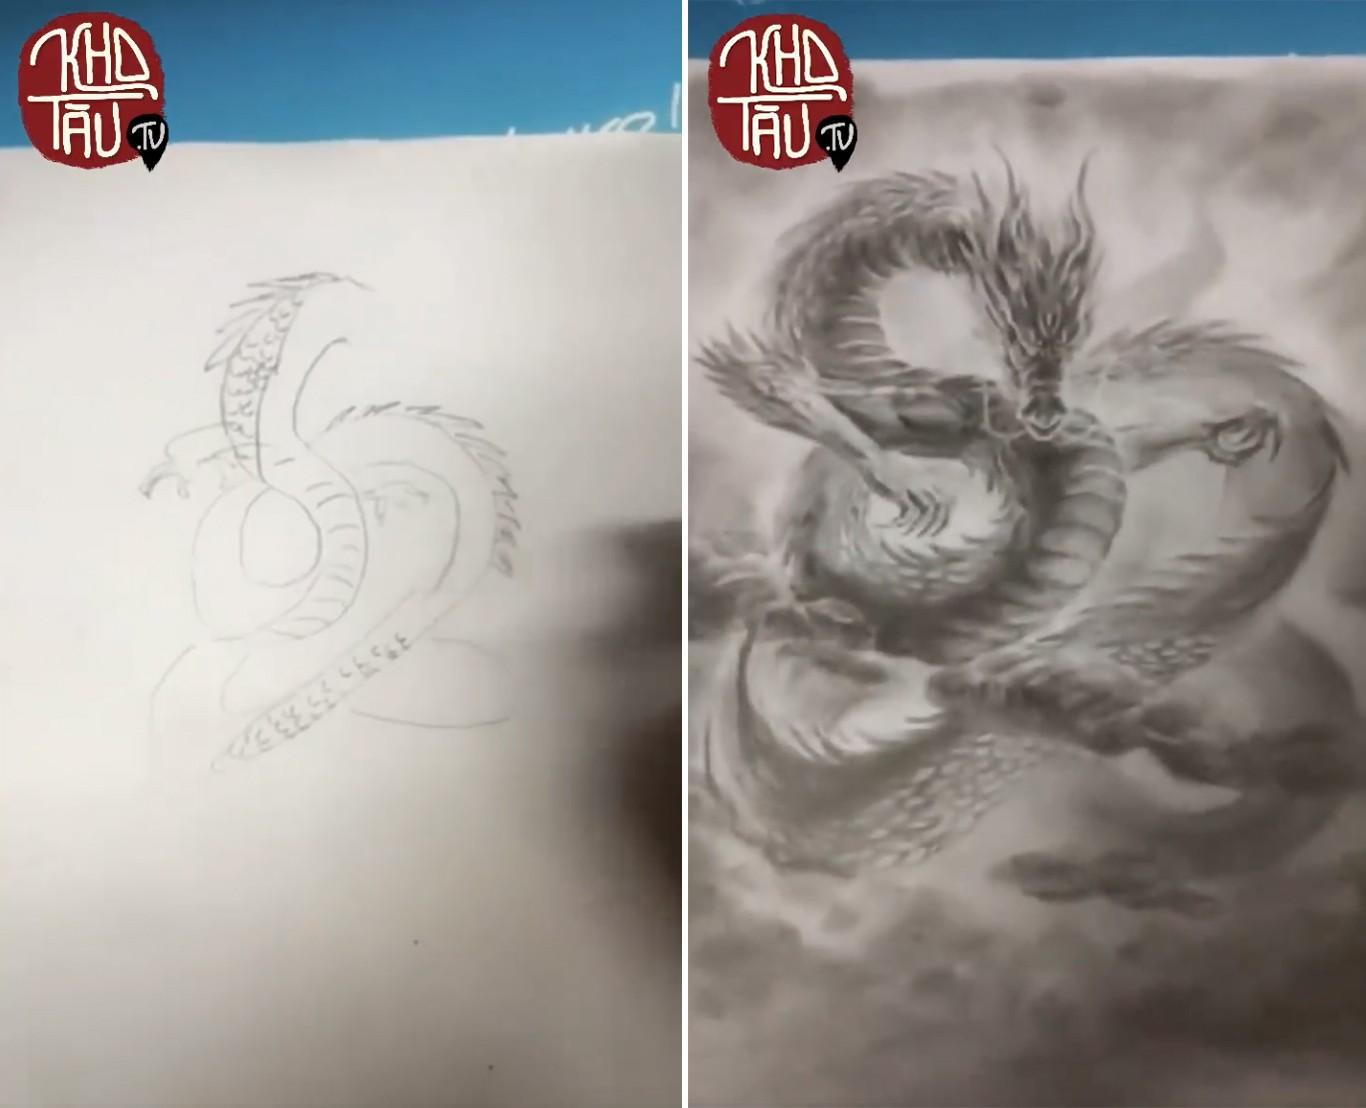 Tài năng có hạn nhưng vẫn thích thể hiện, anh trai vẽ rồng giúp em gái và cái kết cười ra nước mắt - Ảnh 15.